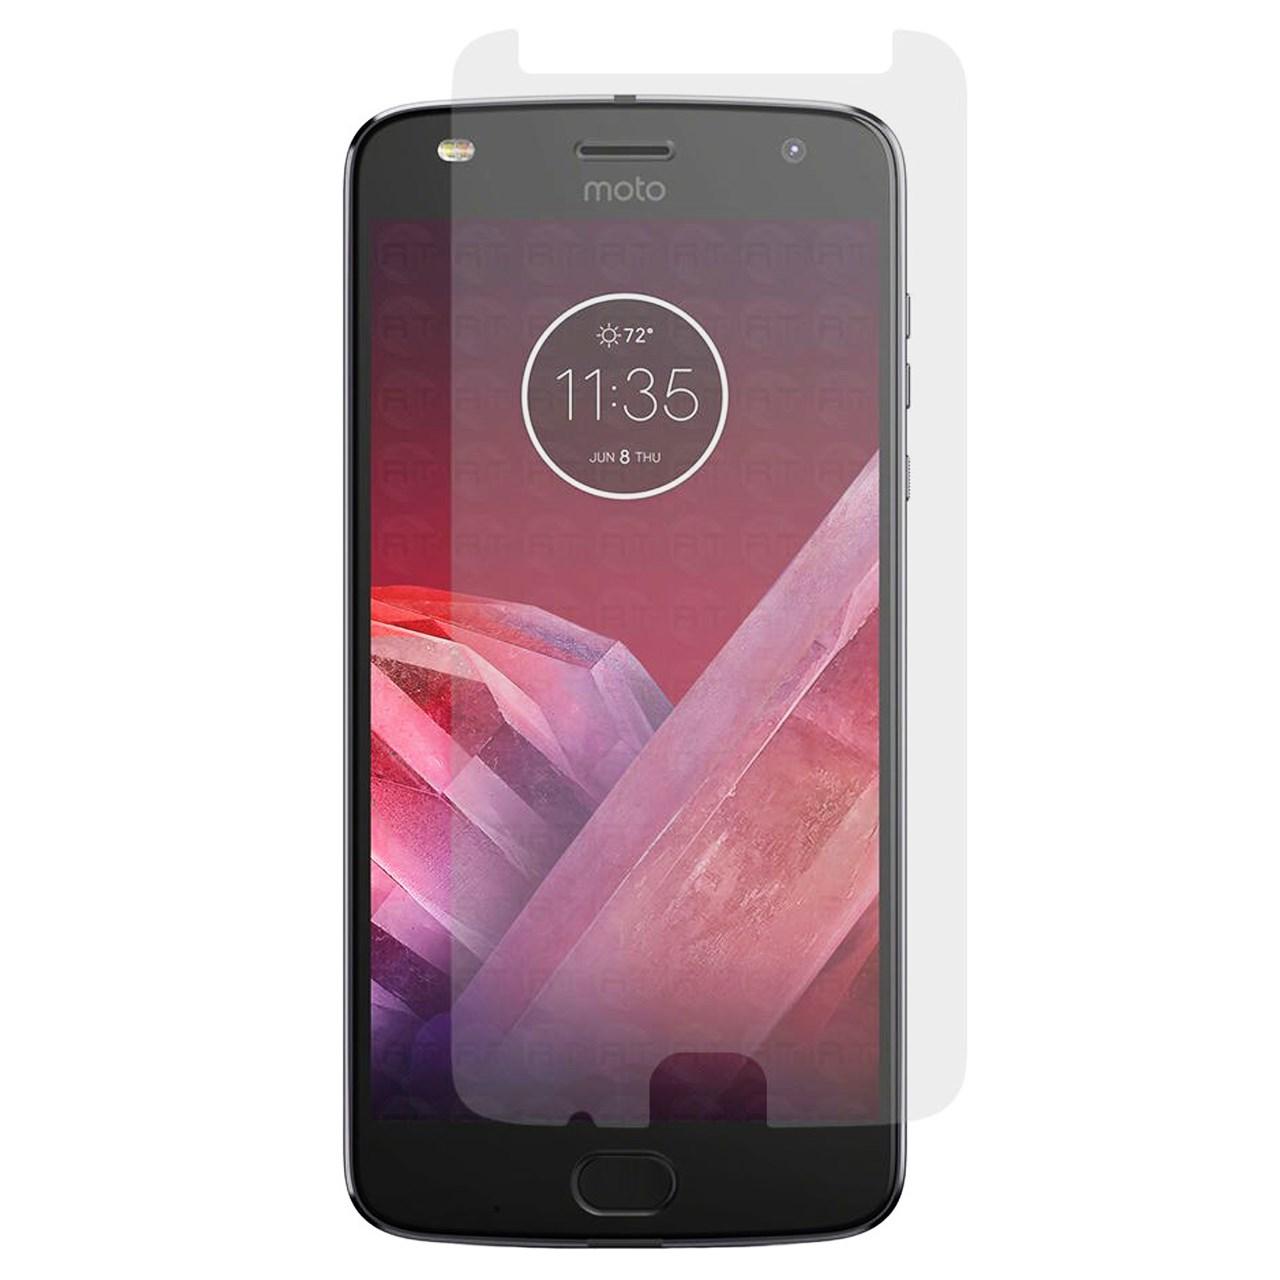 محافظ صفحه نمایش شیشه ای مدل Tempered مناسب برای گوشی موبایل موتورولا Moto Z2 Play